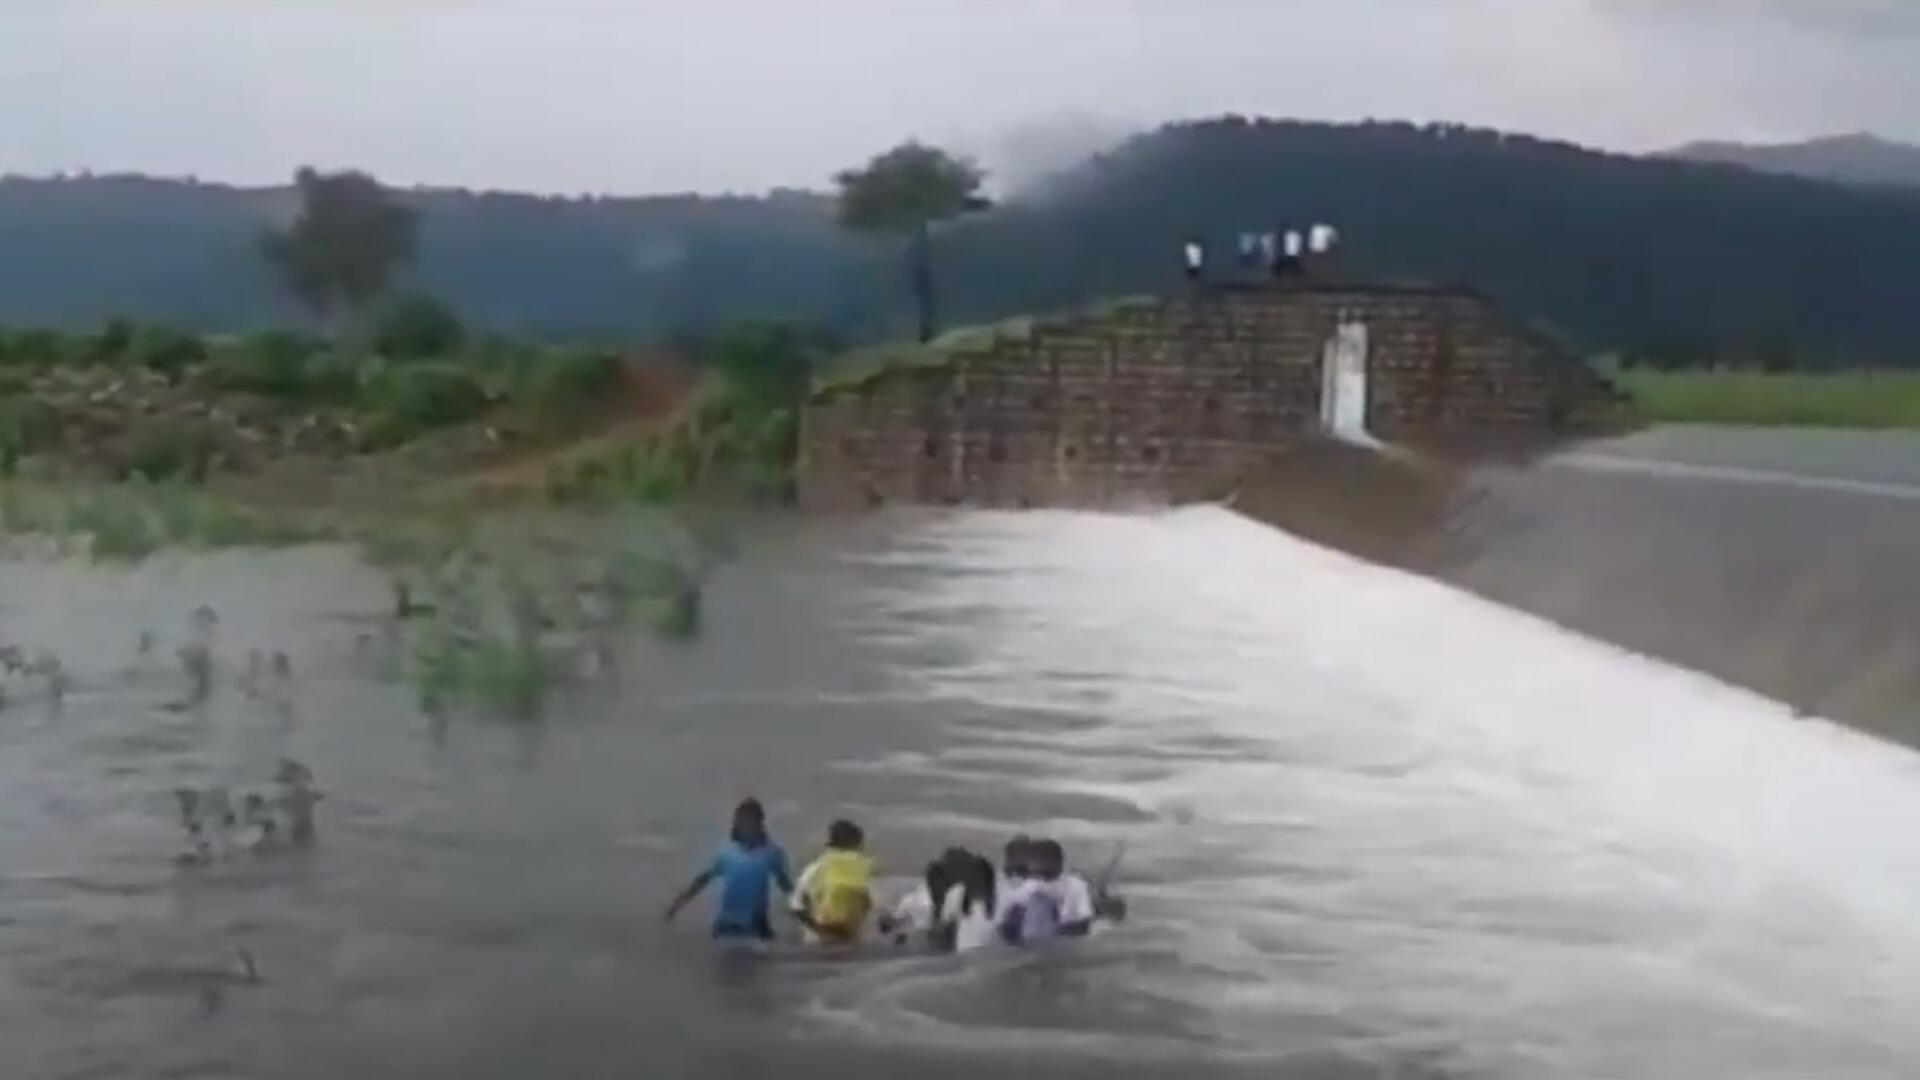 Bild zu Lebensgefährlicher Schulweg: Indische Schülerinnen waten durch reißenden Fluss